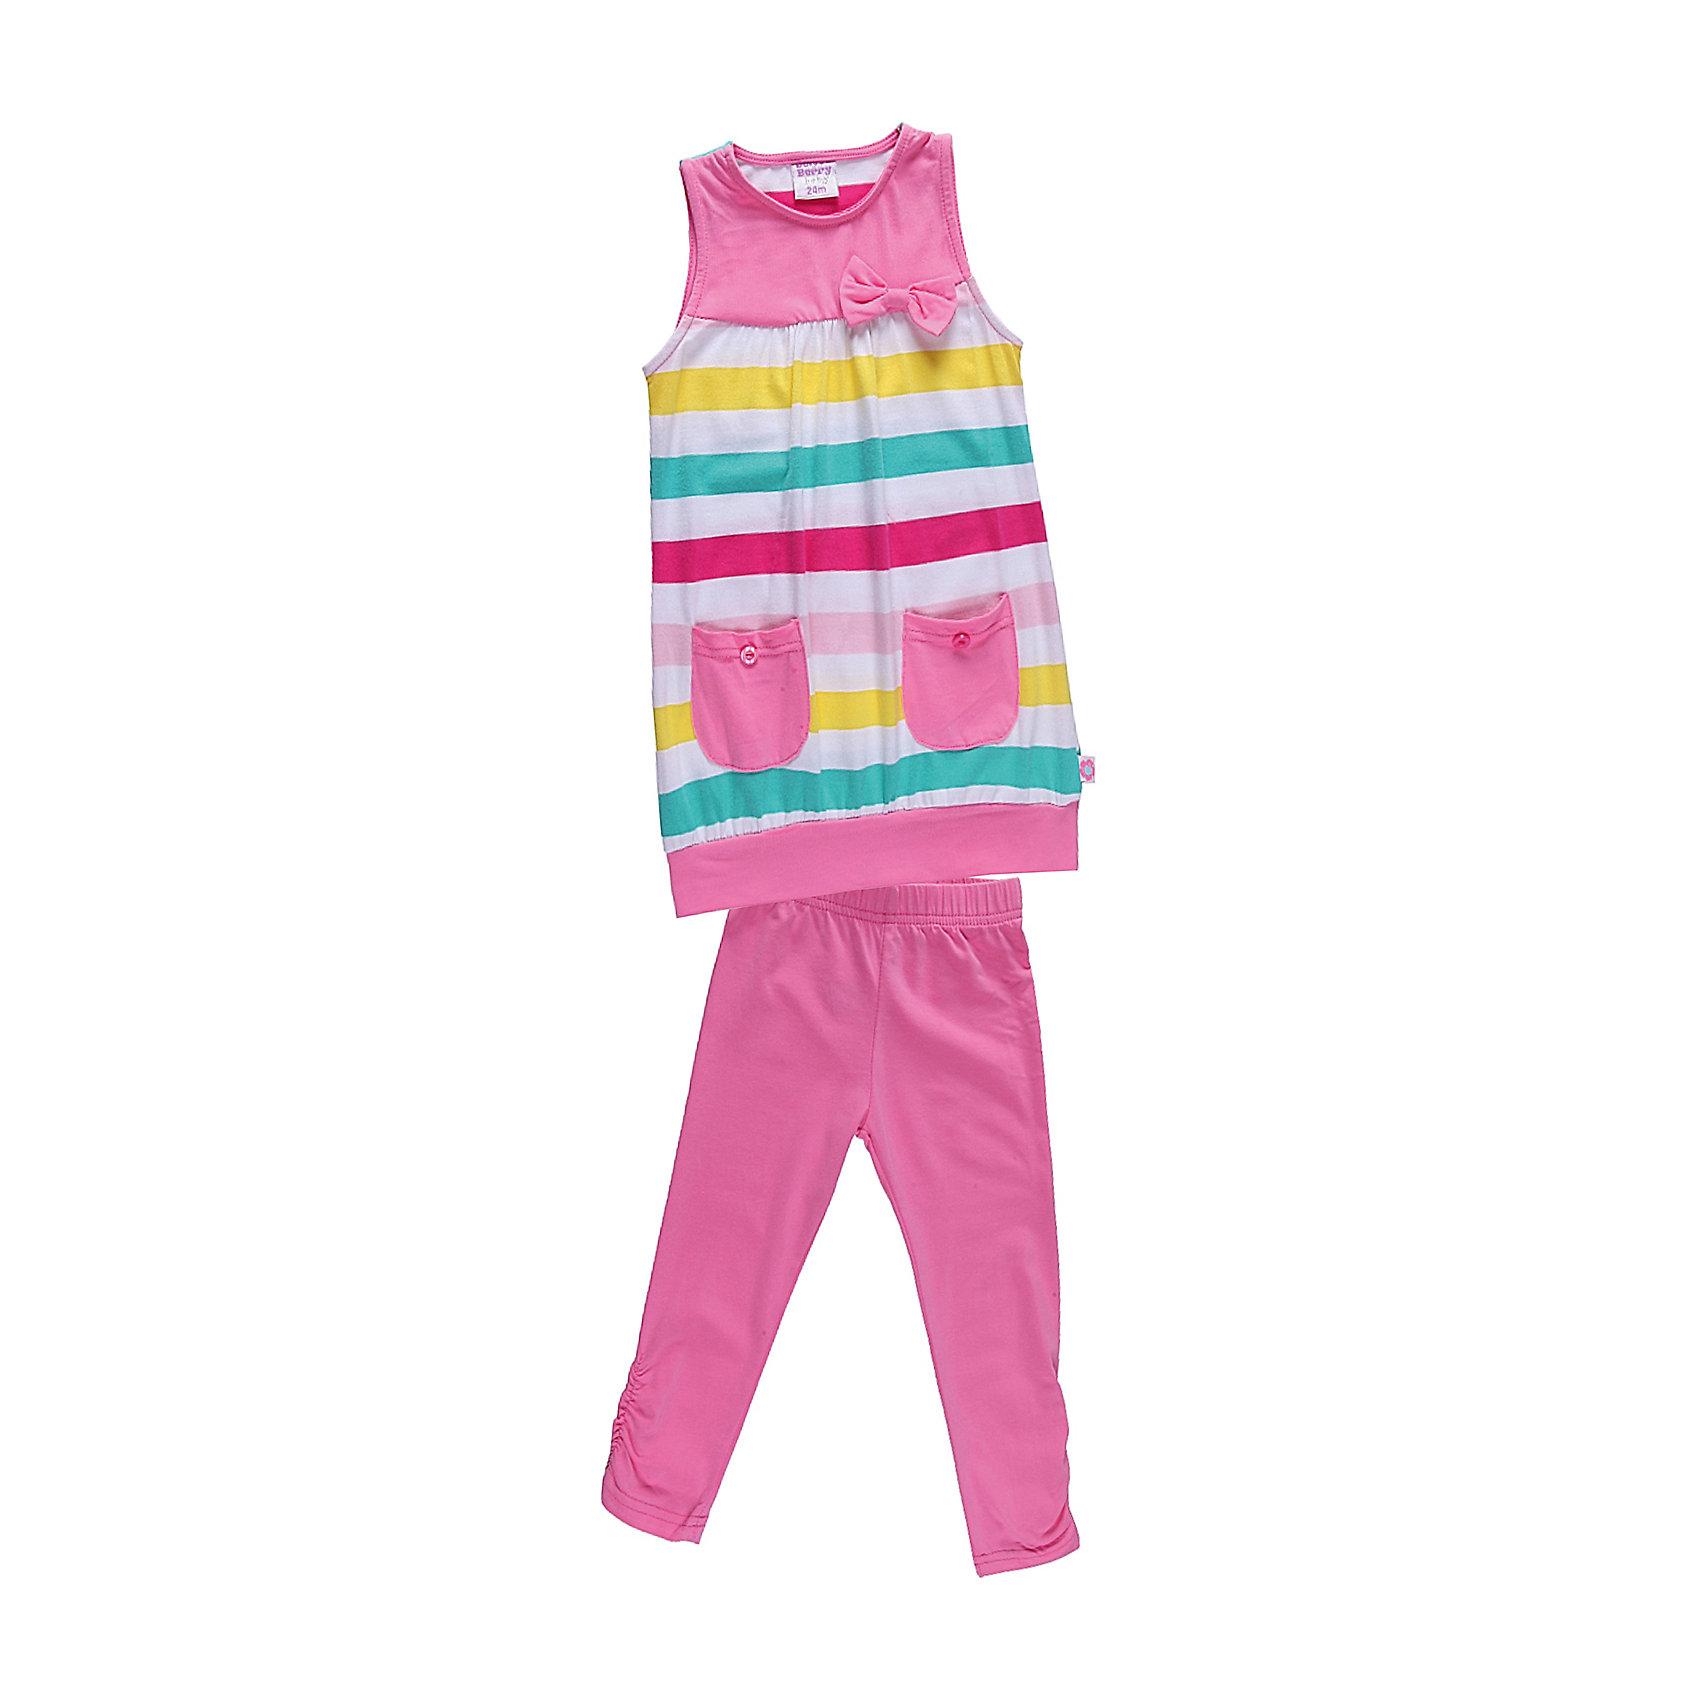 Комплект для девочки: платье и леггинсы Sweet BerryКомплекты<br>Удобный комплект из эластичного трикотажа.<br>Состав:<br>95% хлопок, 5% эластан<br><br>Ширина мм: 236<br>Глубина мм: 16<br>Высота мм: 184<br>Вес г: 177<br>Цвет: разноцветный<br>Возраст от месяцев: 12<br>Возраст до месяцев: 18<br>Пол: Женский<br>Возраст: Детский<br>Размер: 86,80,98,92<br>SKU: 4520475